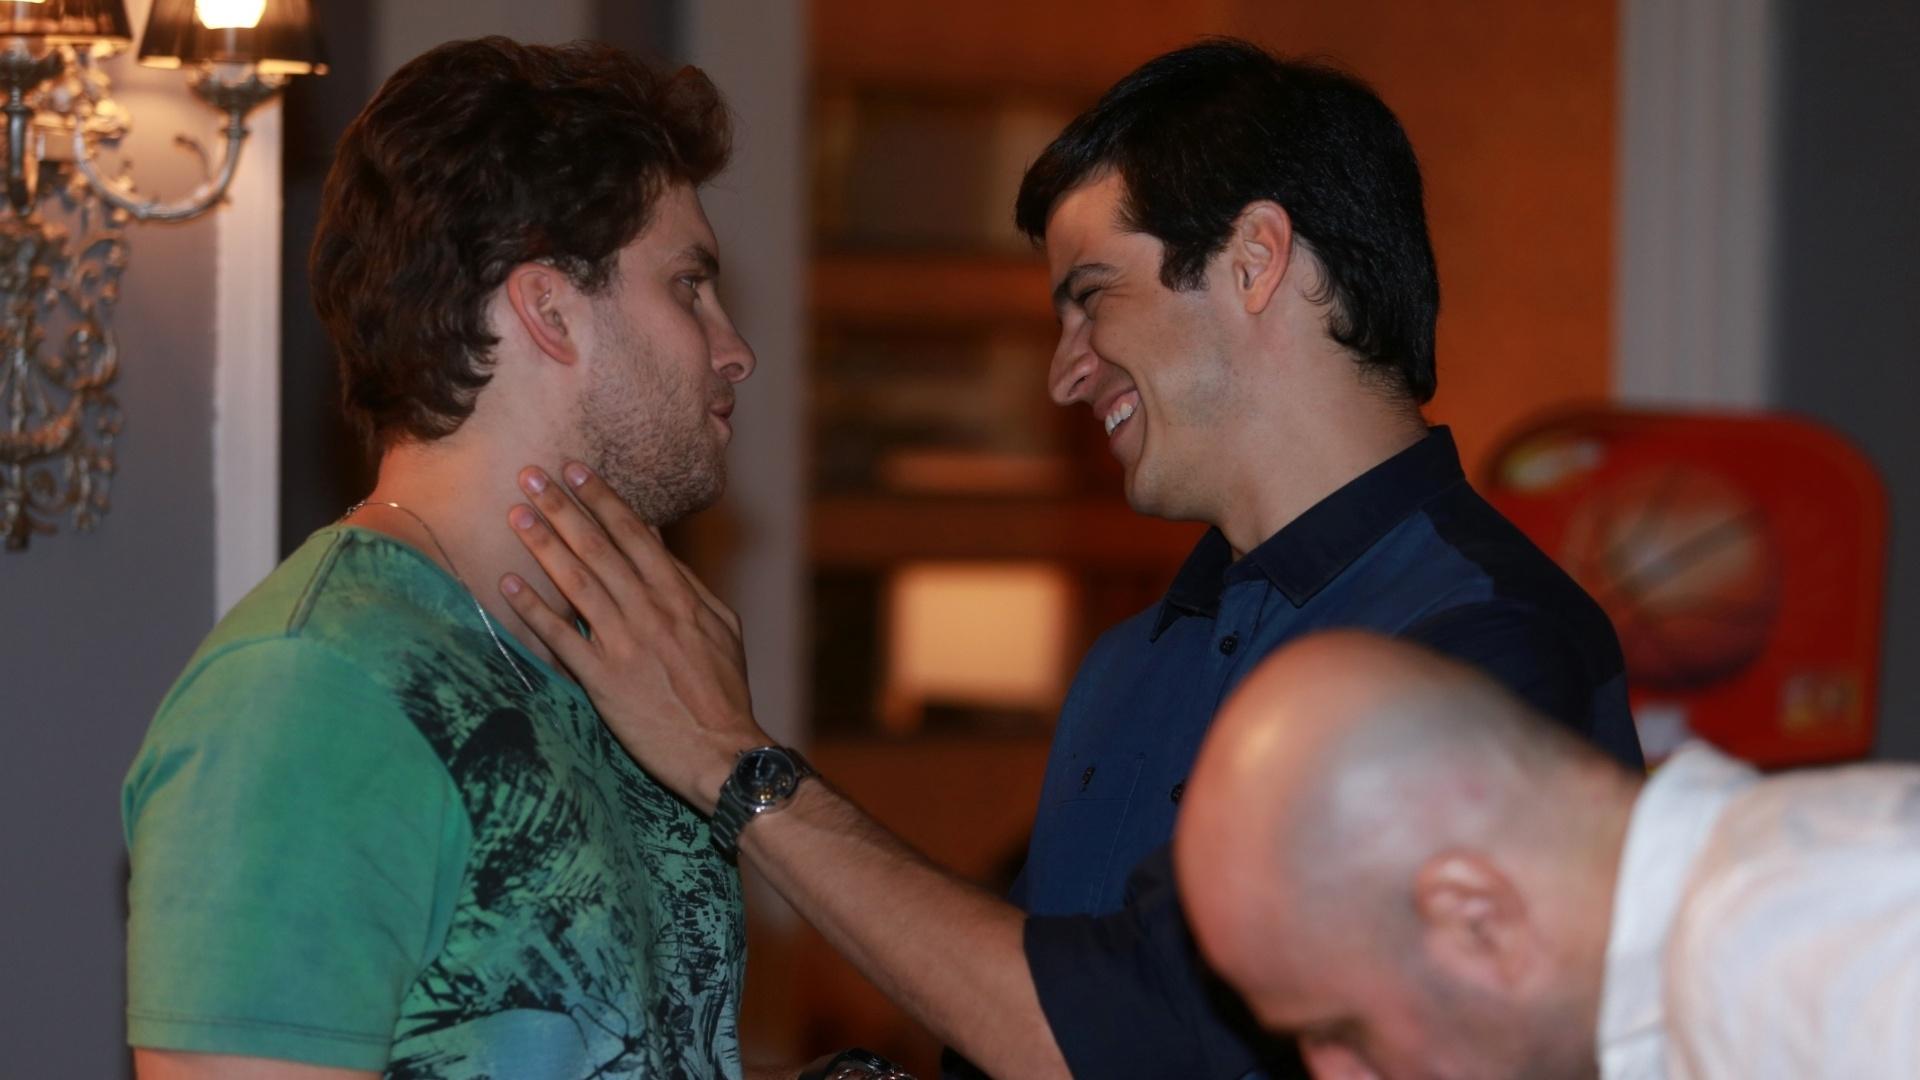 7.jan.2014 - Thiago Fragoso e Mateus Solano ensaiam, com diretor Mauro Mendonça Filho, cena de